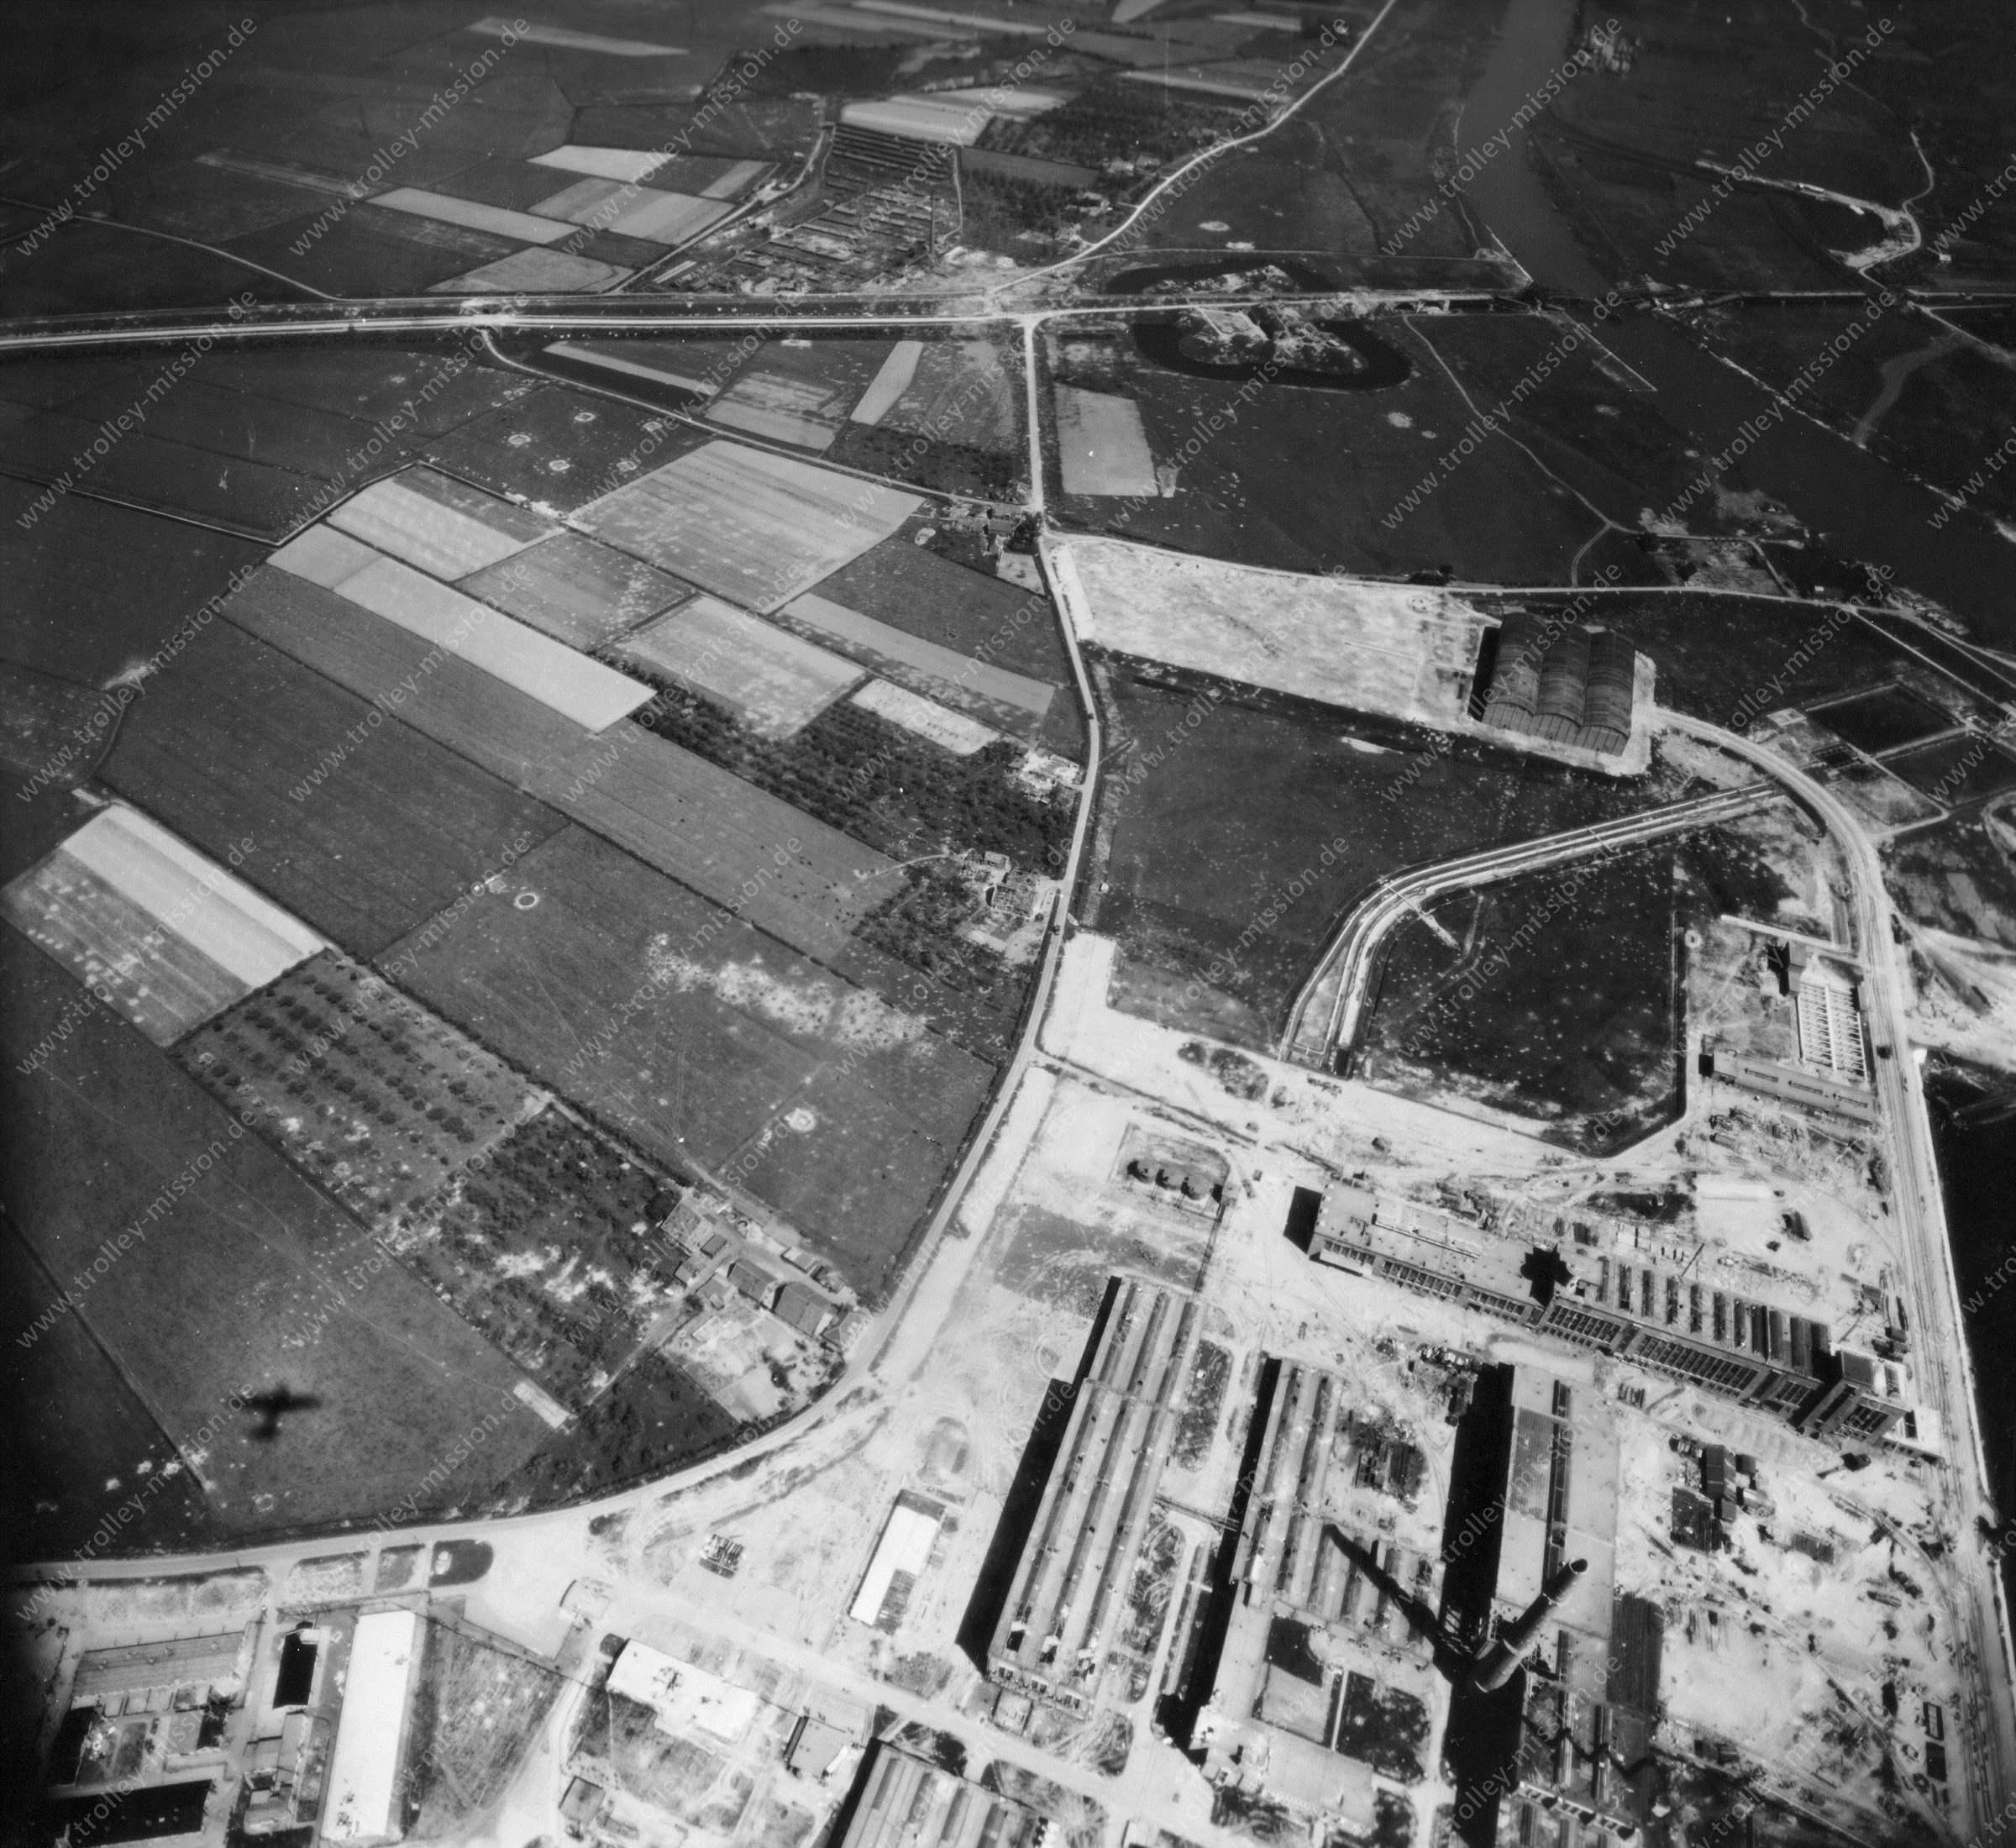 Nieuwe Haven Arnheim - Luftbild Mai 1945 - Luftbildserie 4/5 der US Air Force (Niederlande)